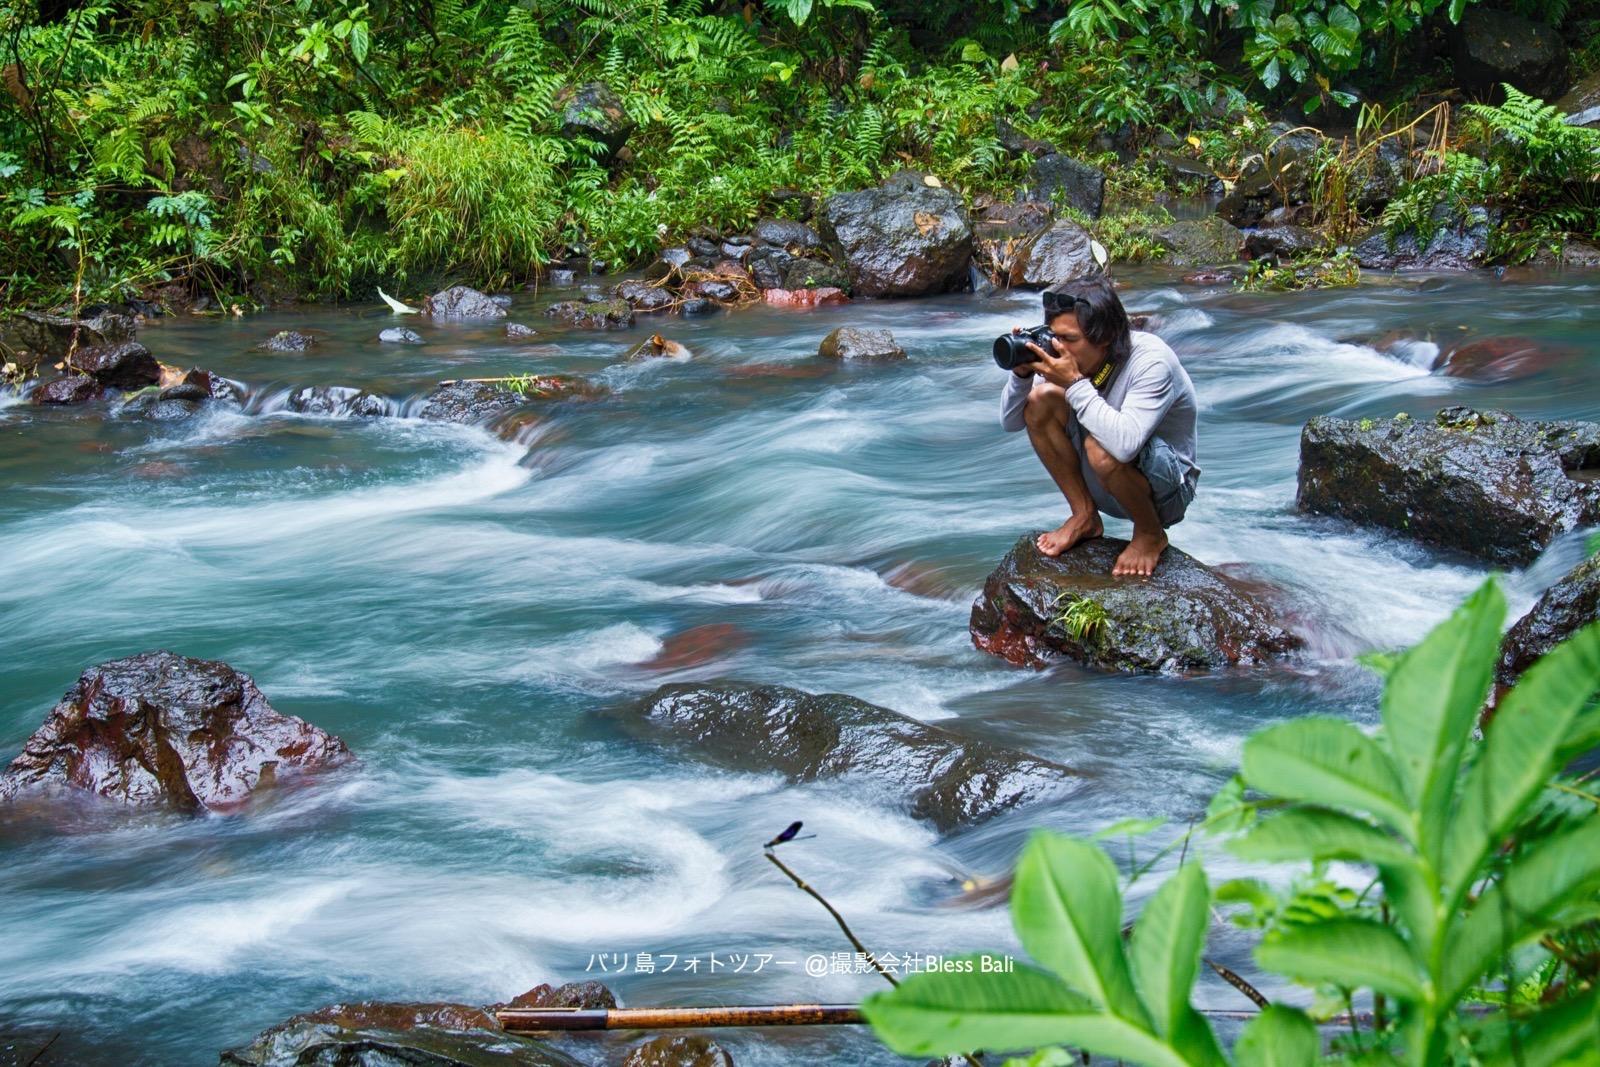 川の流れを撮影するティノ兄貴